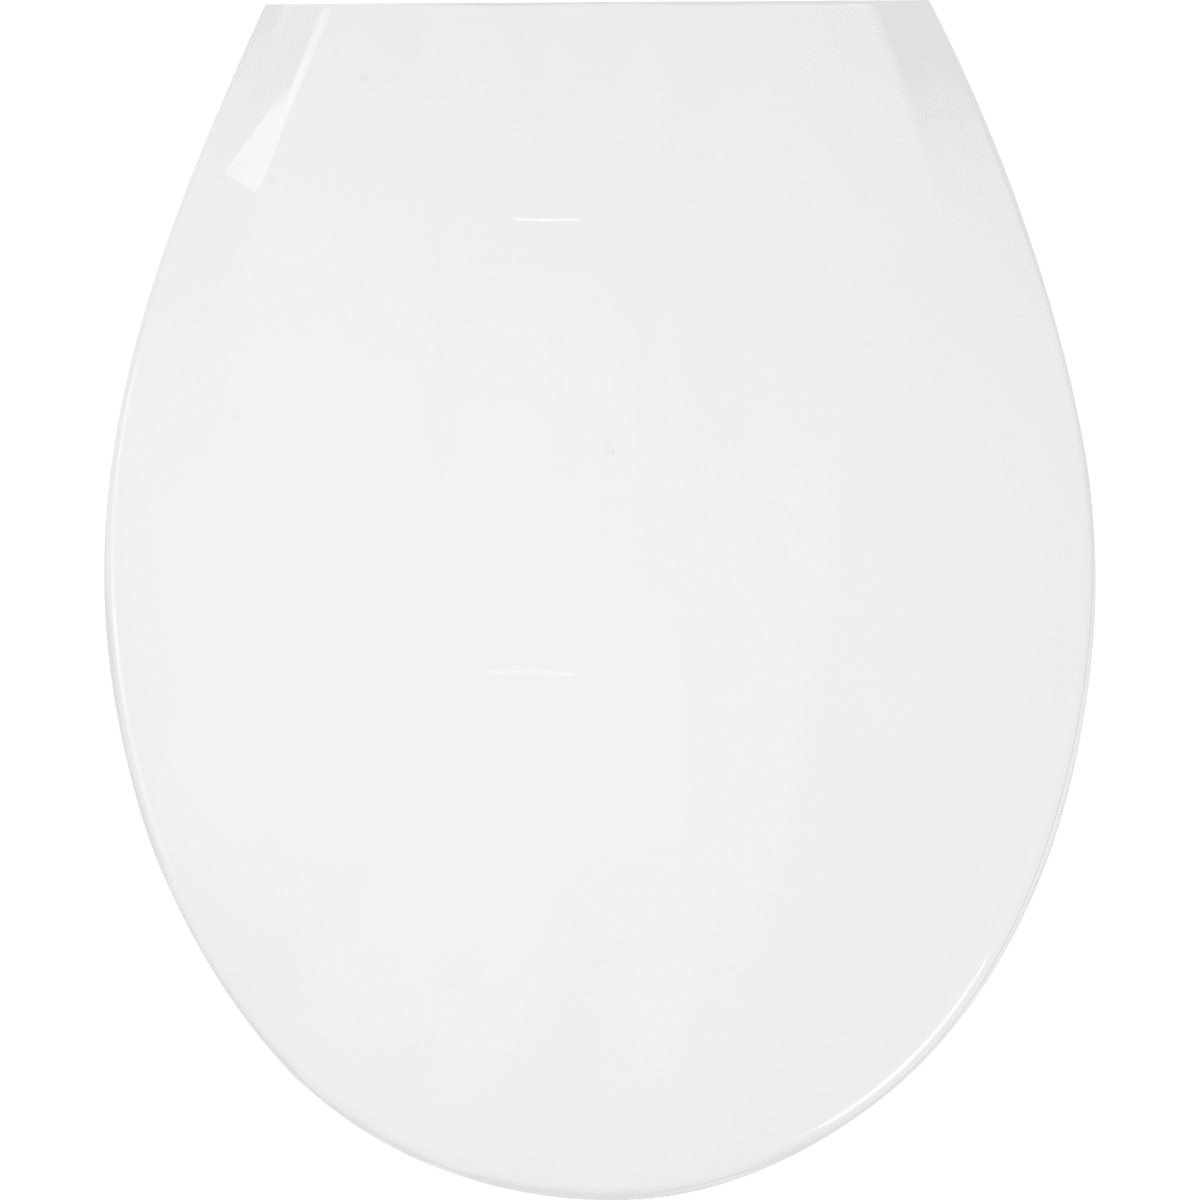 Сиденье для унитаза Sensea Uno